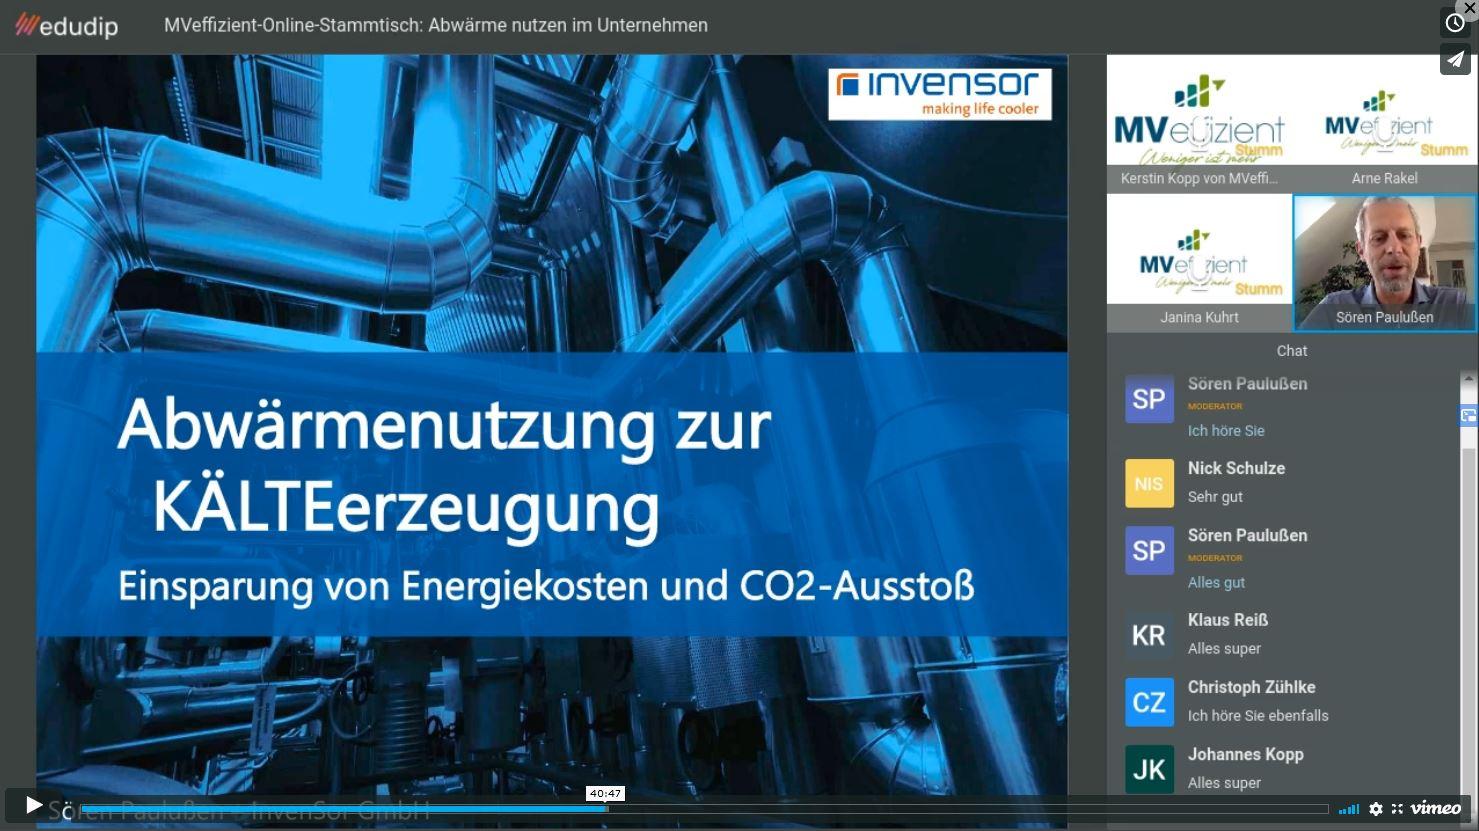 BU: Sören Paulußen von der InvenSor GmbH erläutert wie man mit Hilfe von Abwärme Kälte erzeugen kann (Foto: LEKA MV)